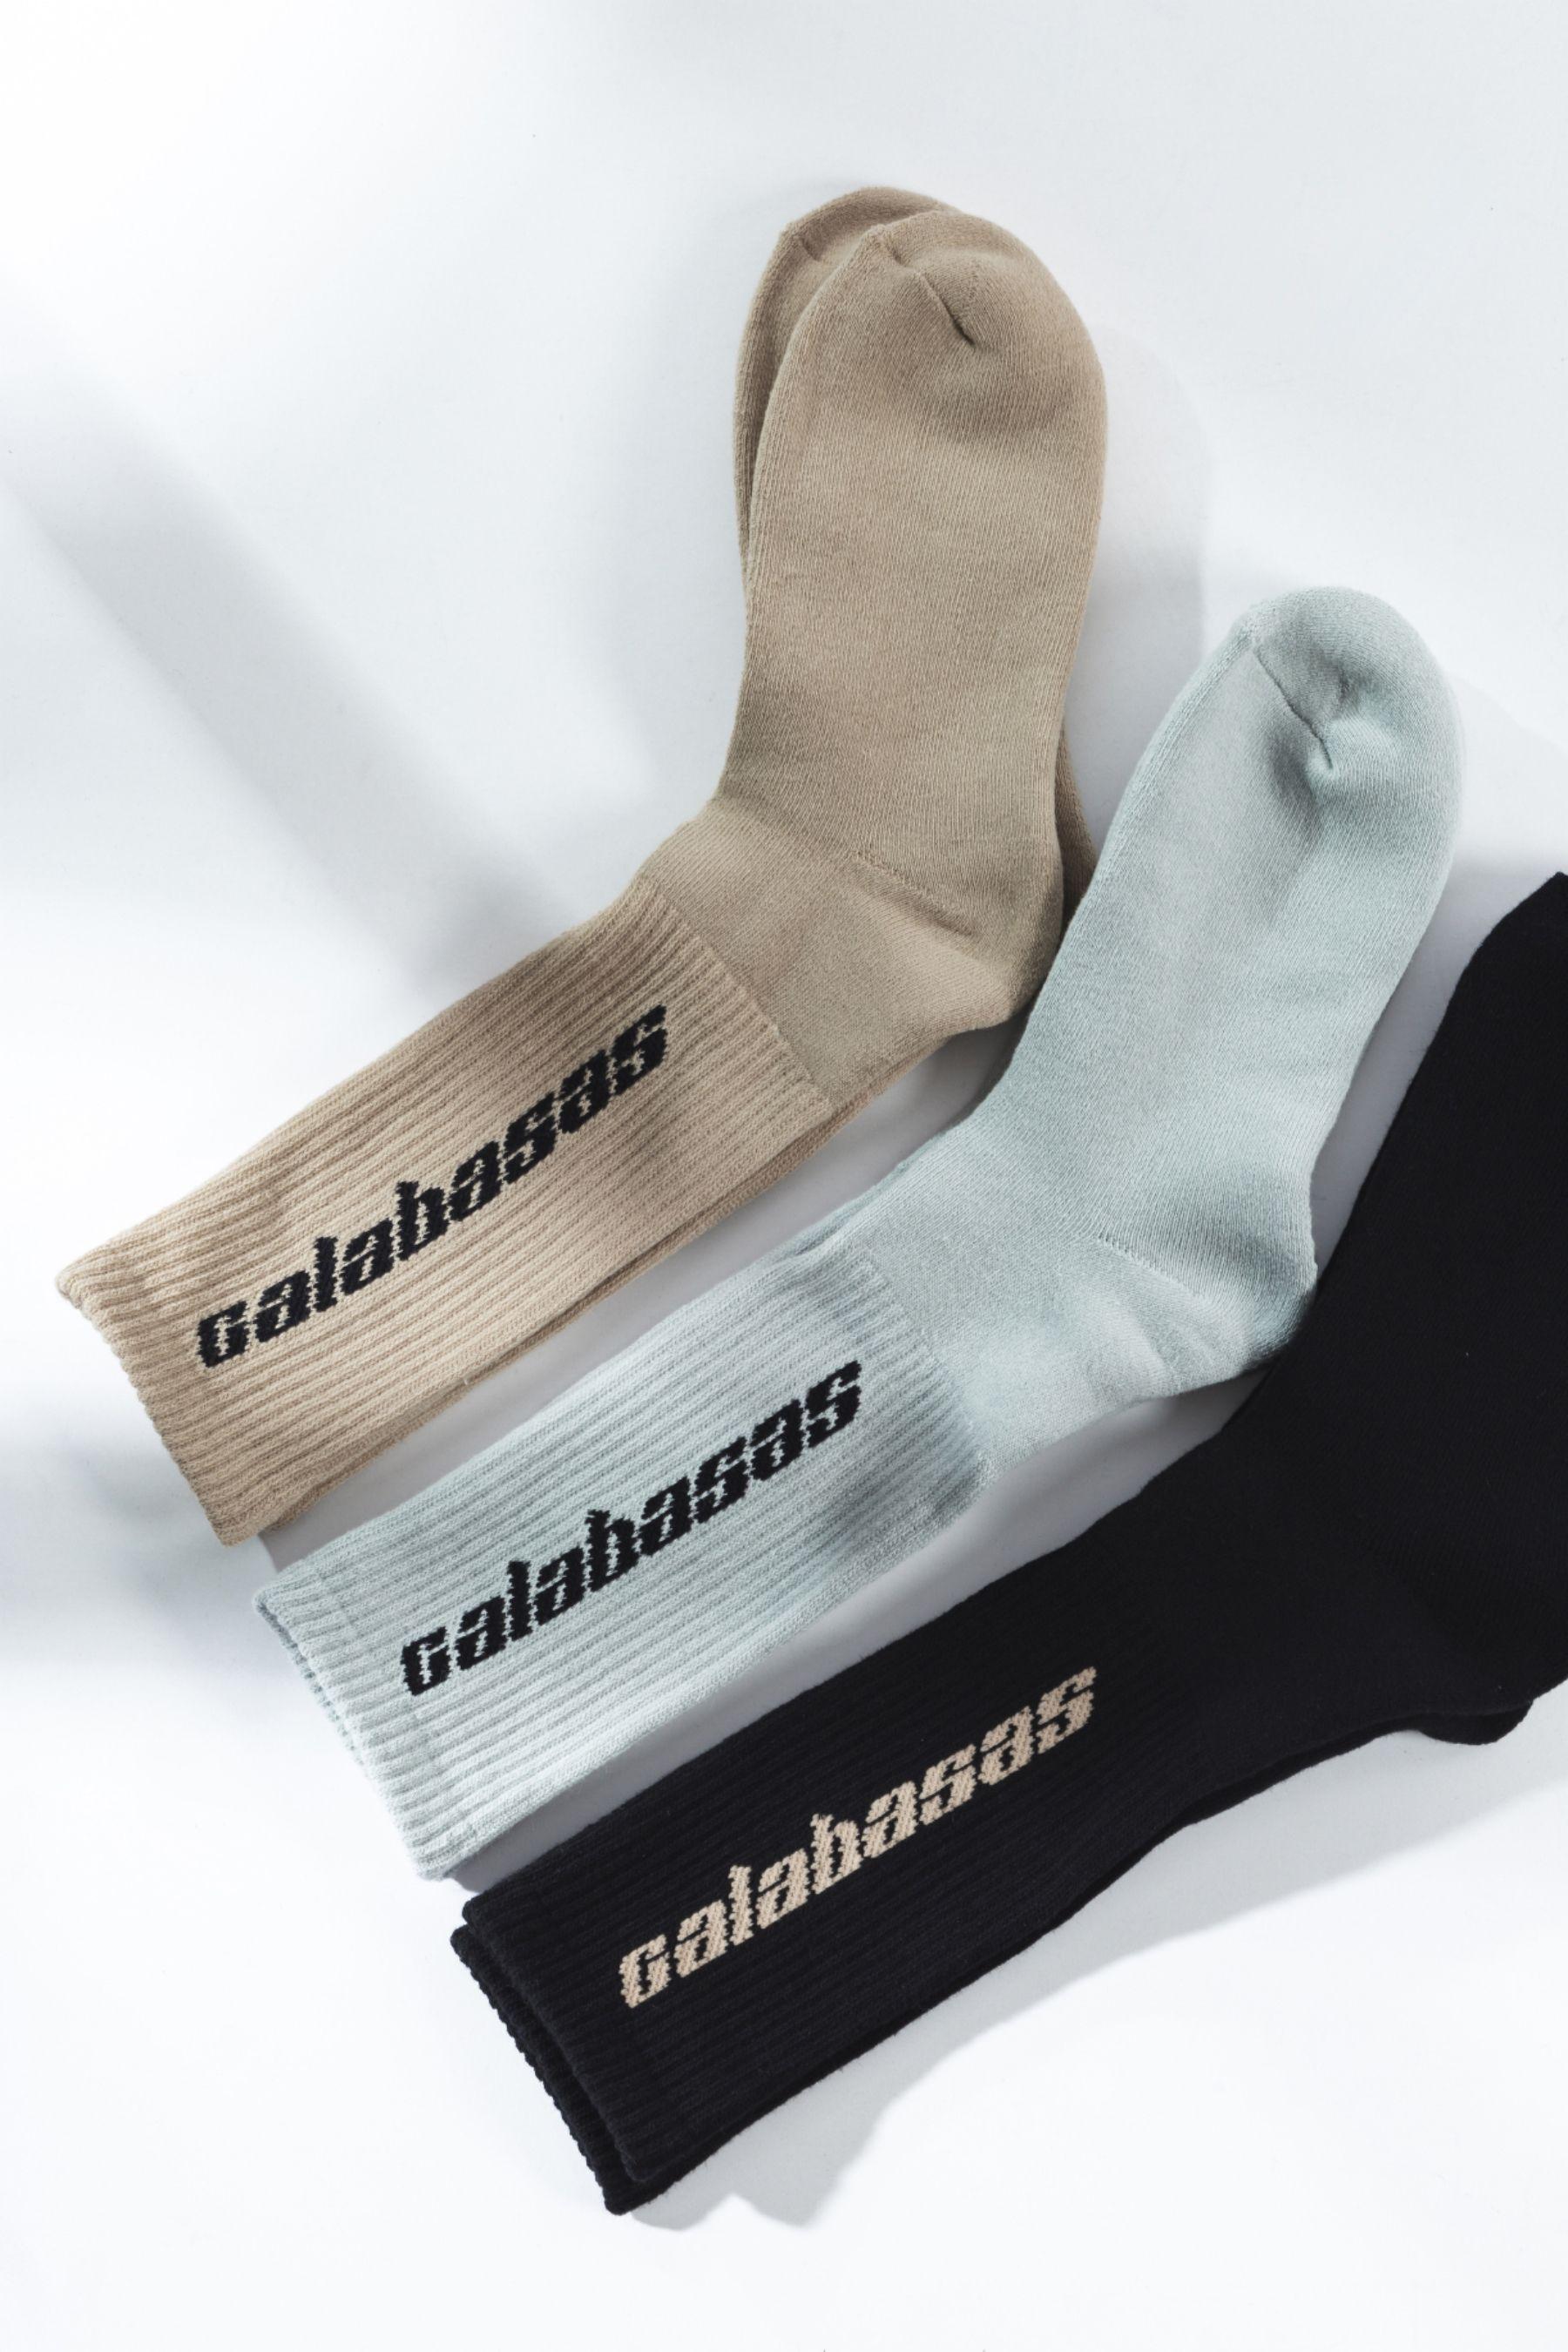 Yeezy Calabasas Socks   Socks packaging